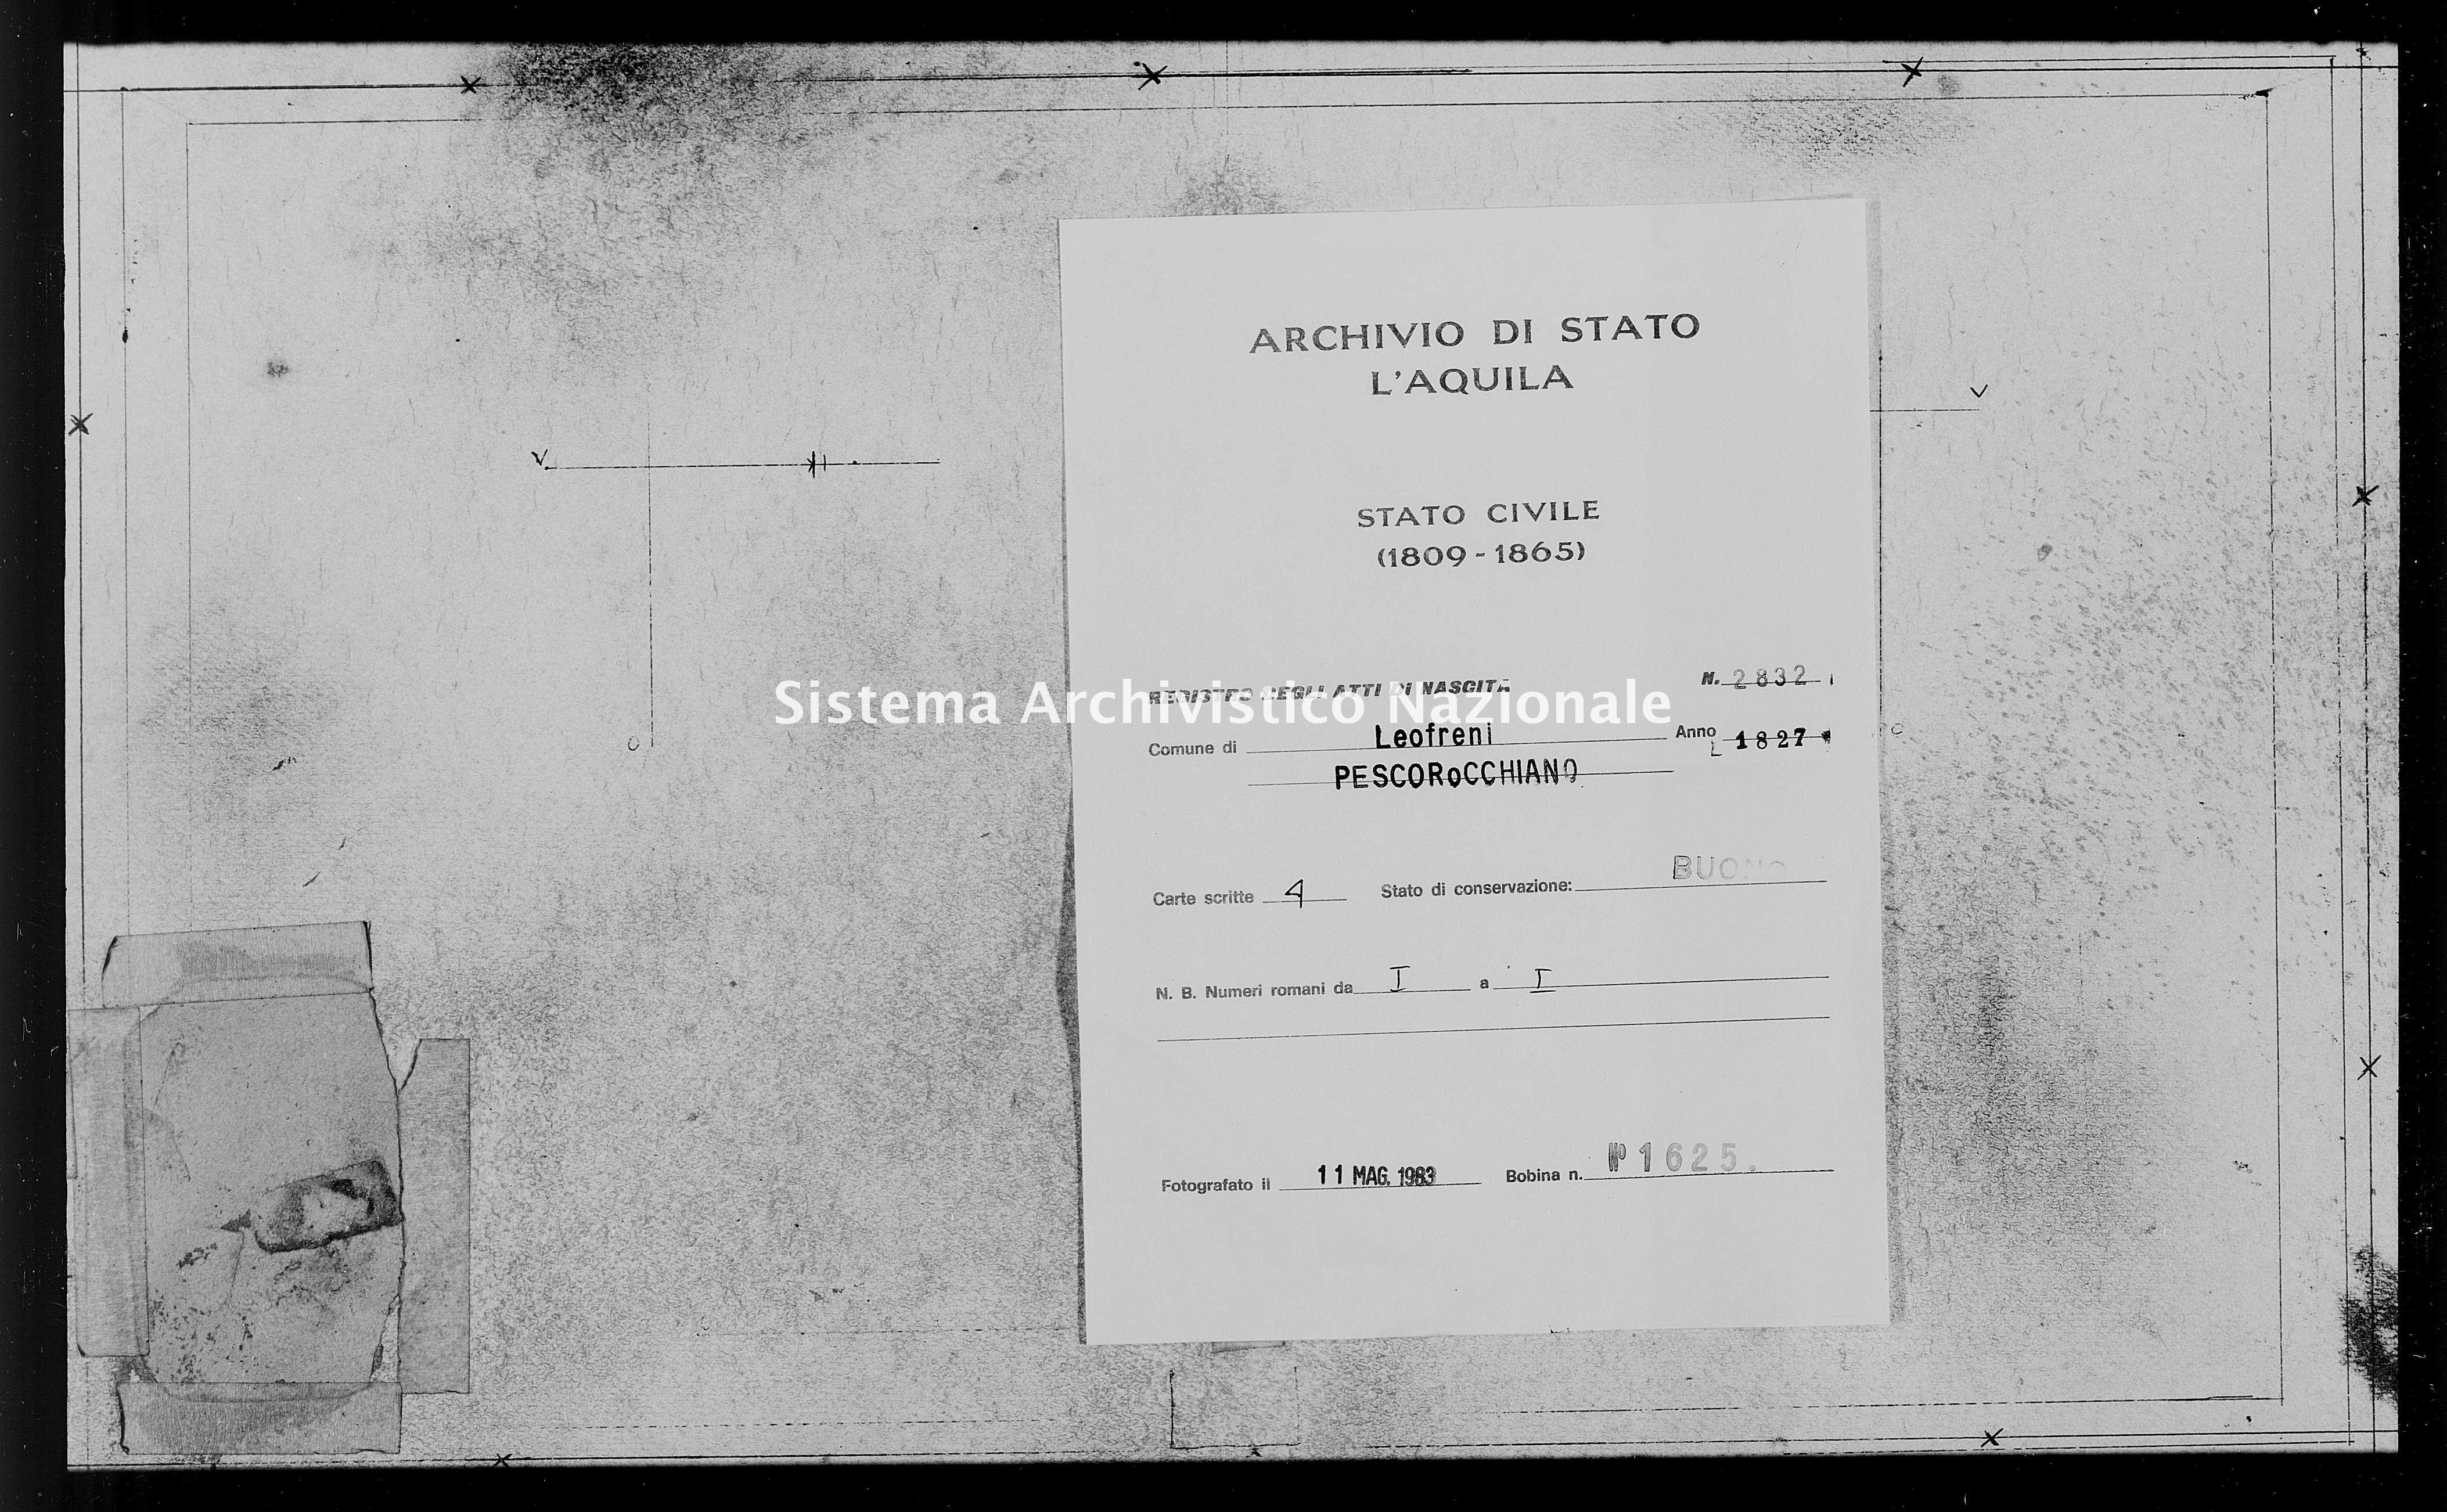 Archivio di stato di L'aquila - Stato civile della restaurazione - Leofreni - Nati - 1827 - 2832 -